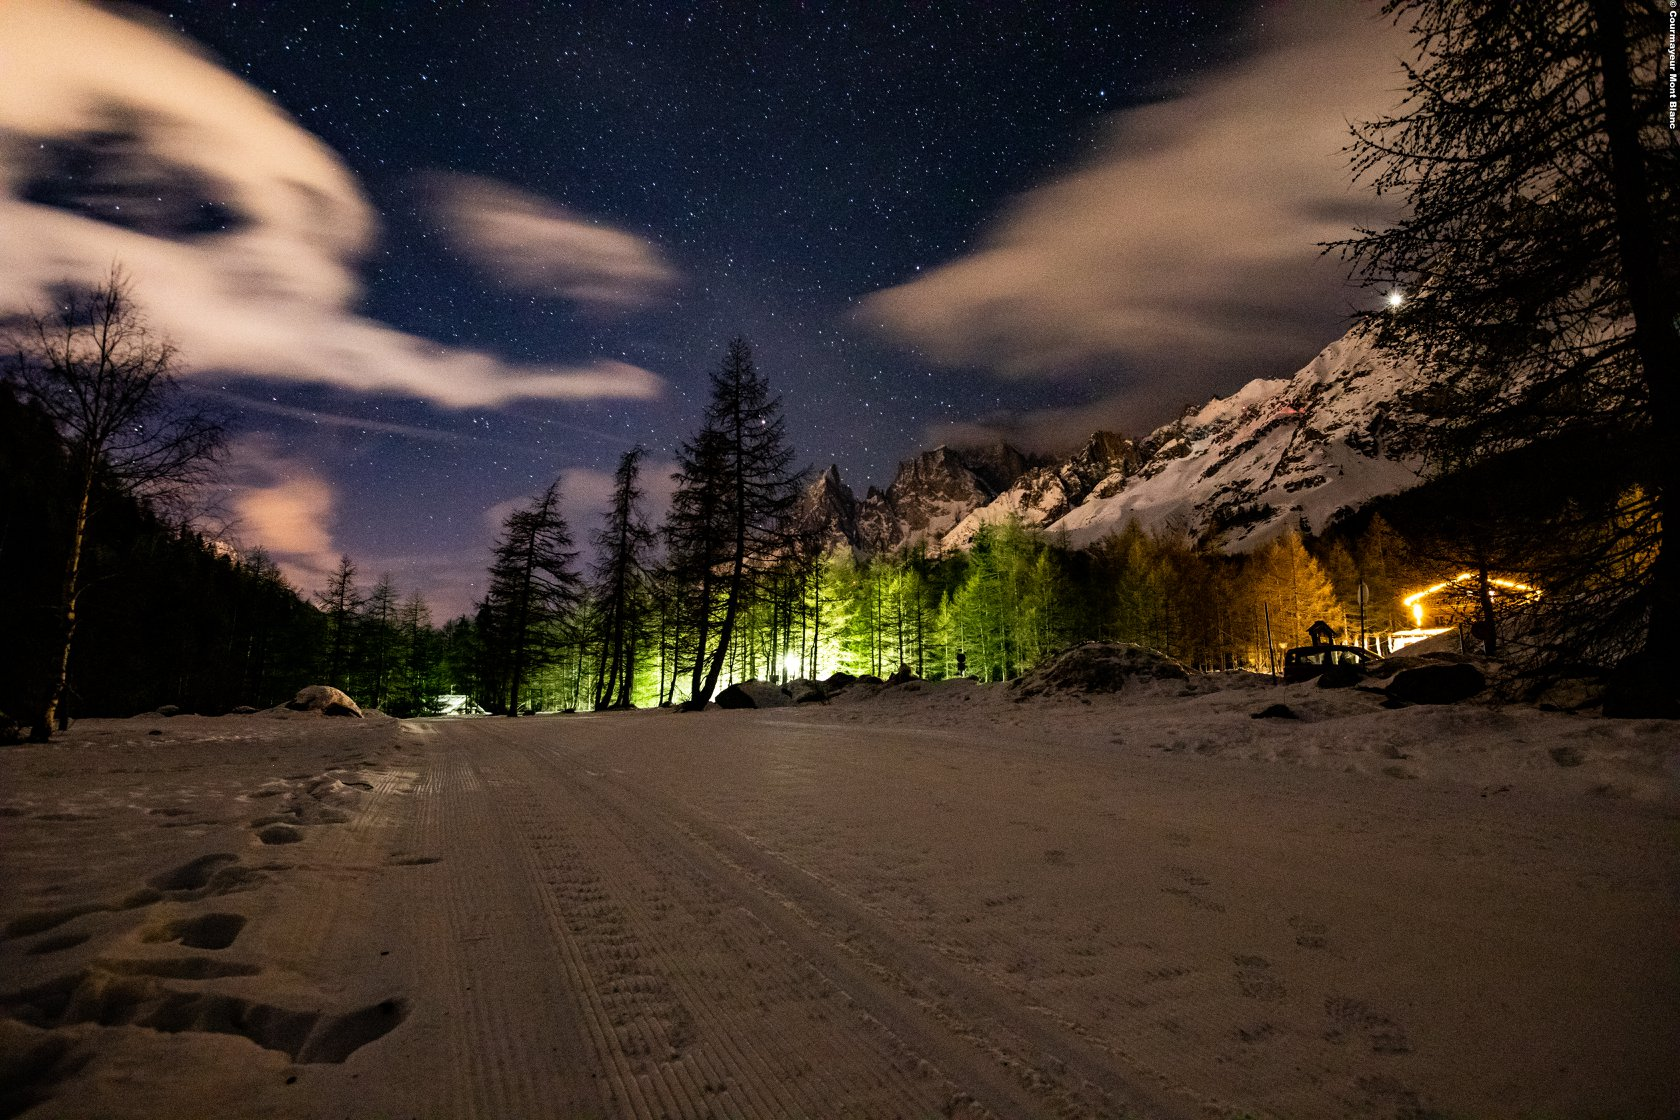 La Val Ferret offre emozioni uniche anche di sera, passeggiando con le ciaspole al chiaro di luna.